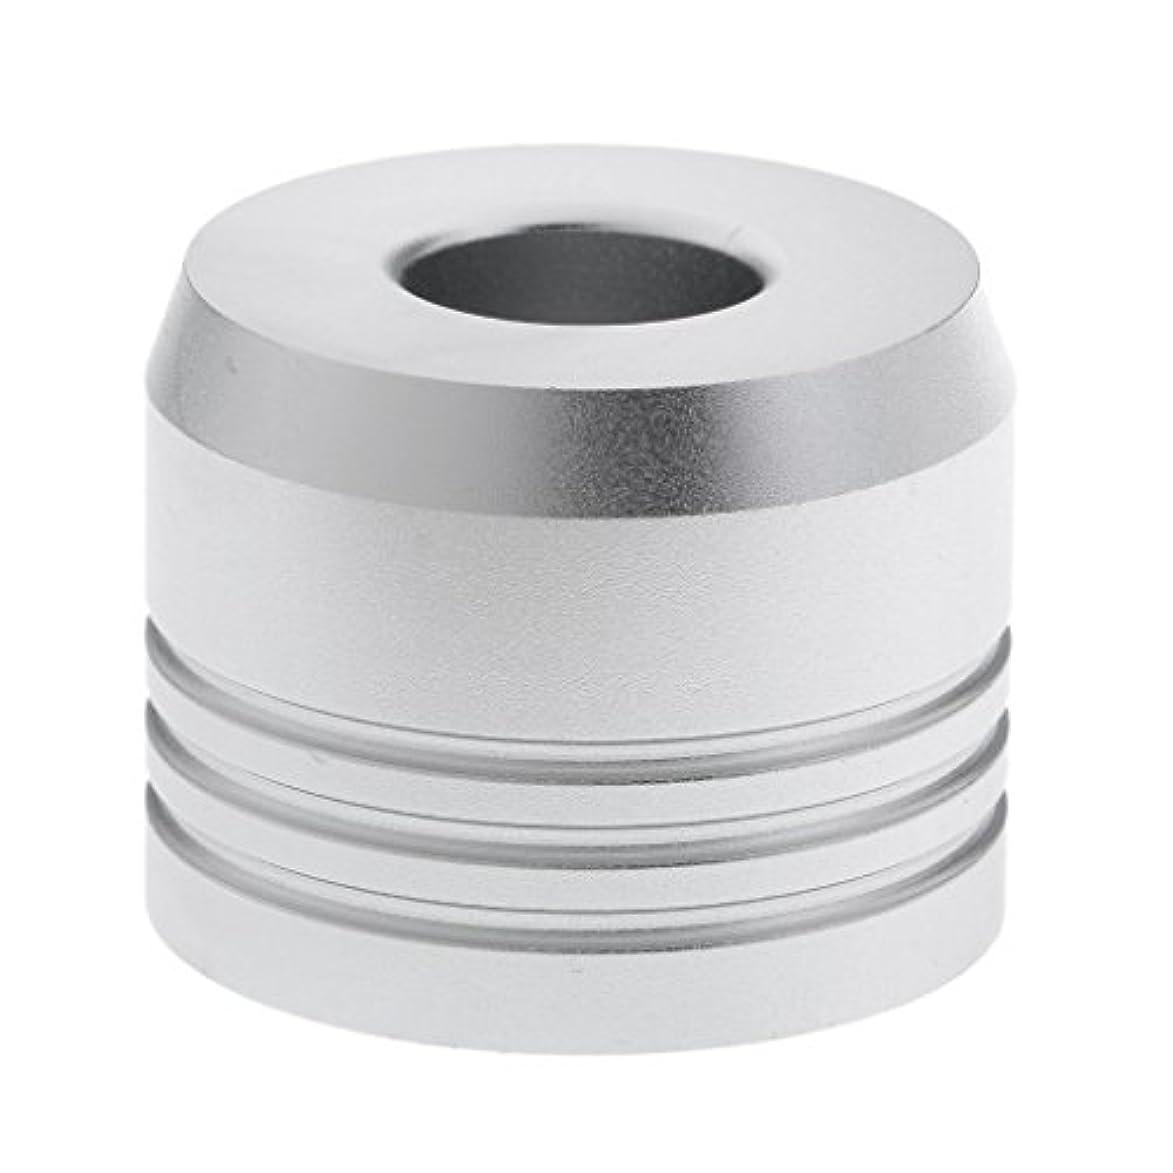 スタウトサイレント自動化カミソリスタンド スタンド シェービング カミソリホルダー ベース サポート 調節可 乾燥 2色選べ - 銀